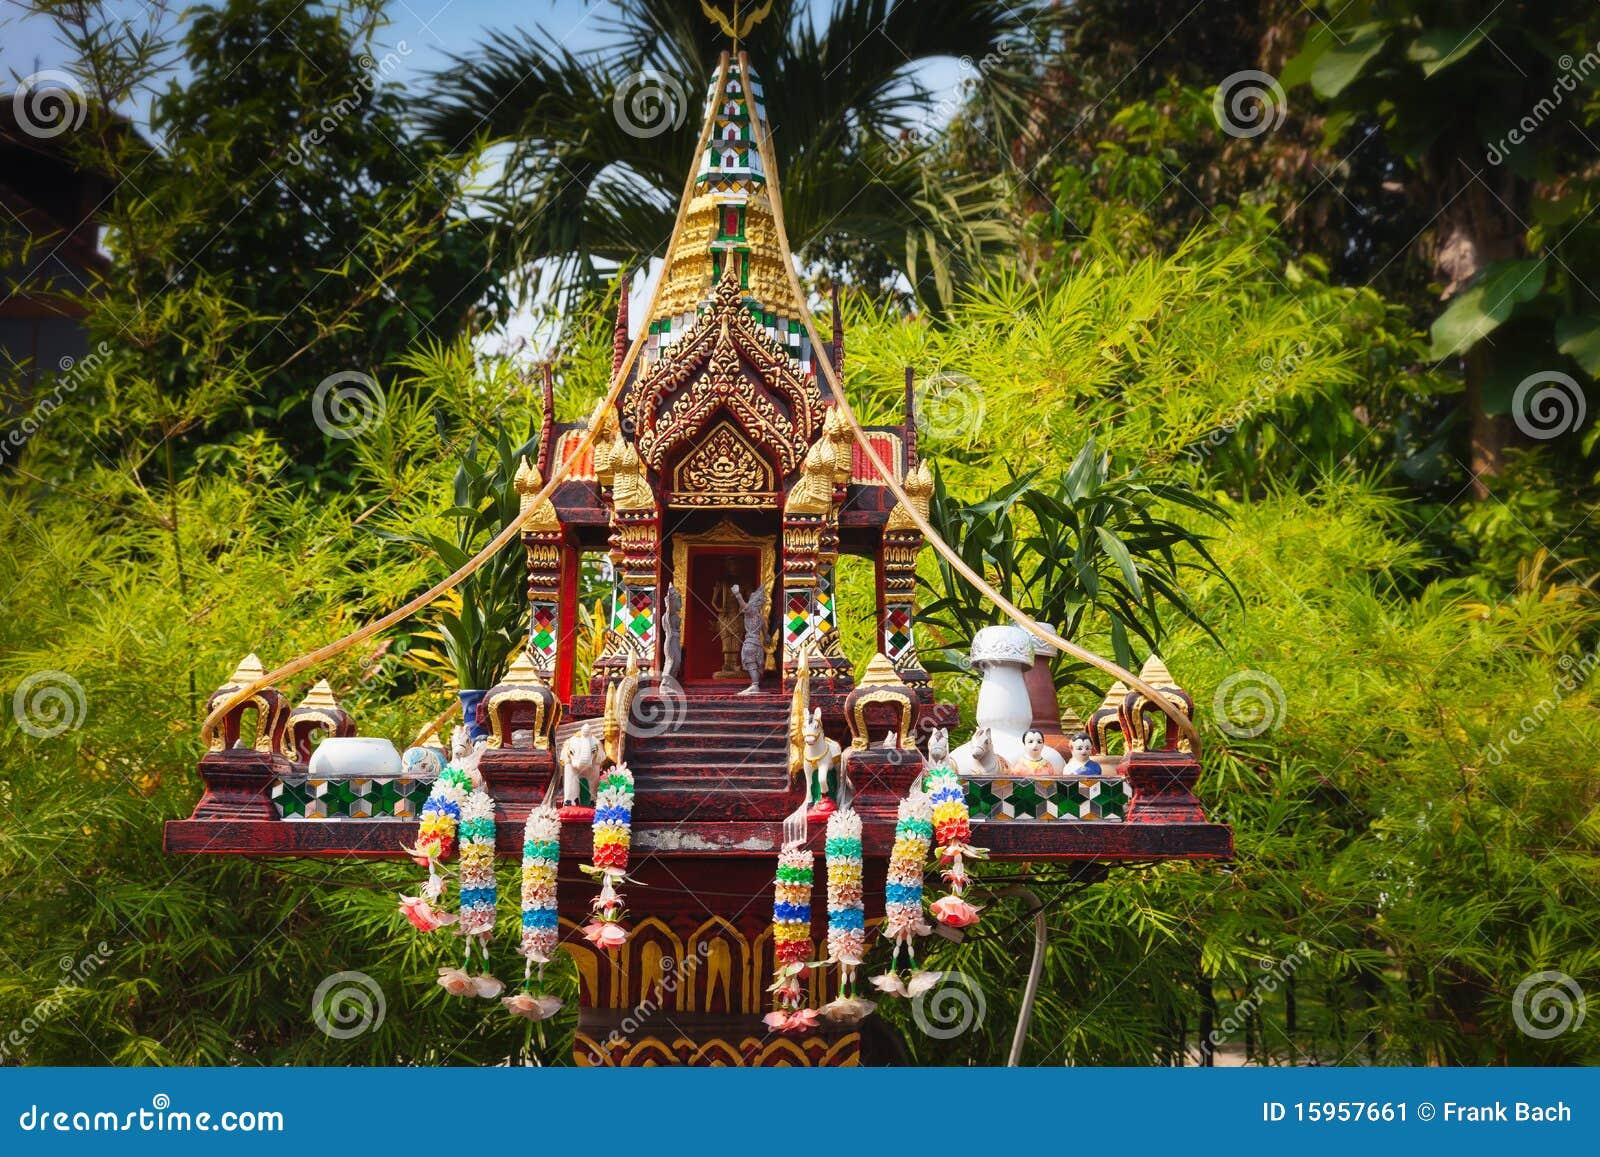 Im Freien Buddhistischer Altar Stockbild - Bild: 15957661 Buddhistischer Altar Als Deko